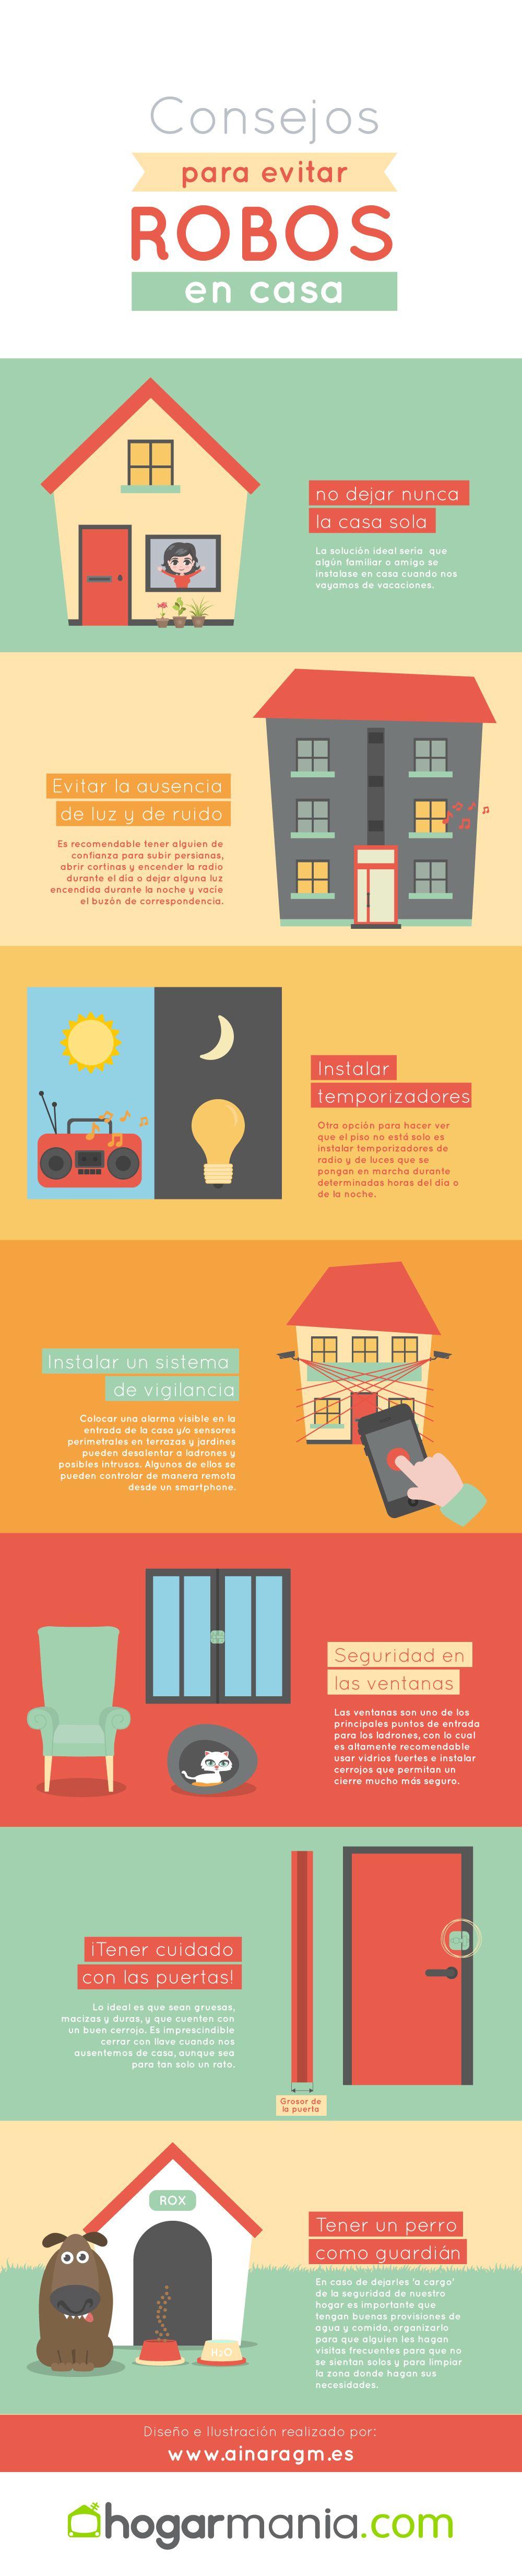 Infografía: 7 consejos para proteger tu casa de robos en vacaciones